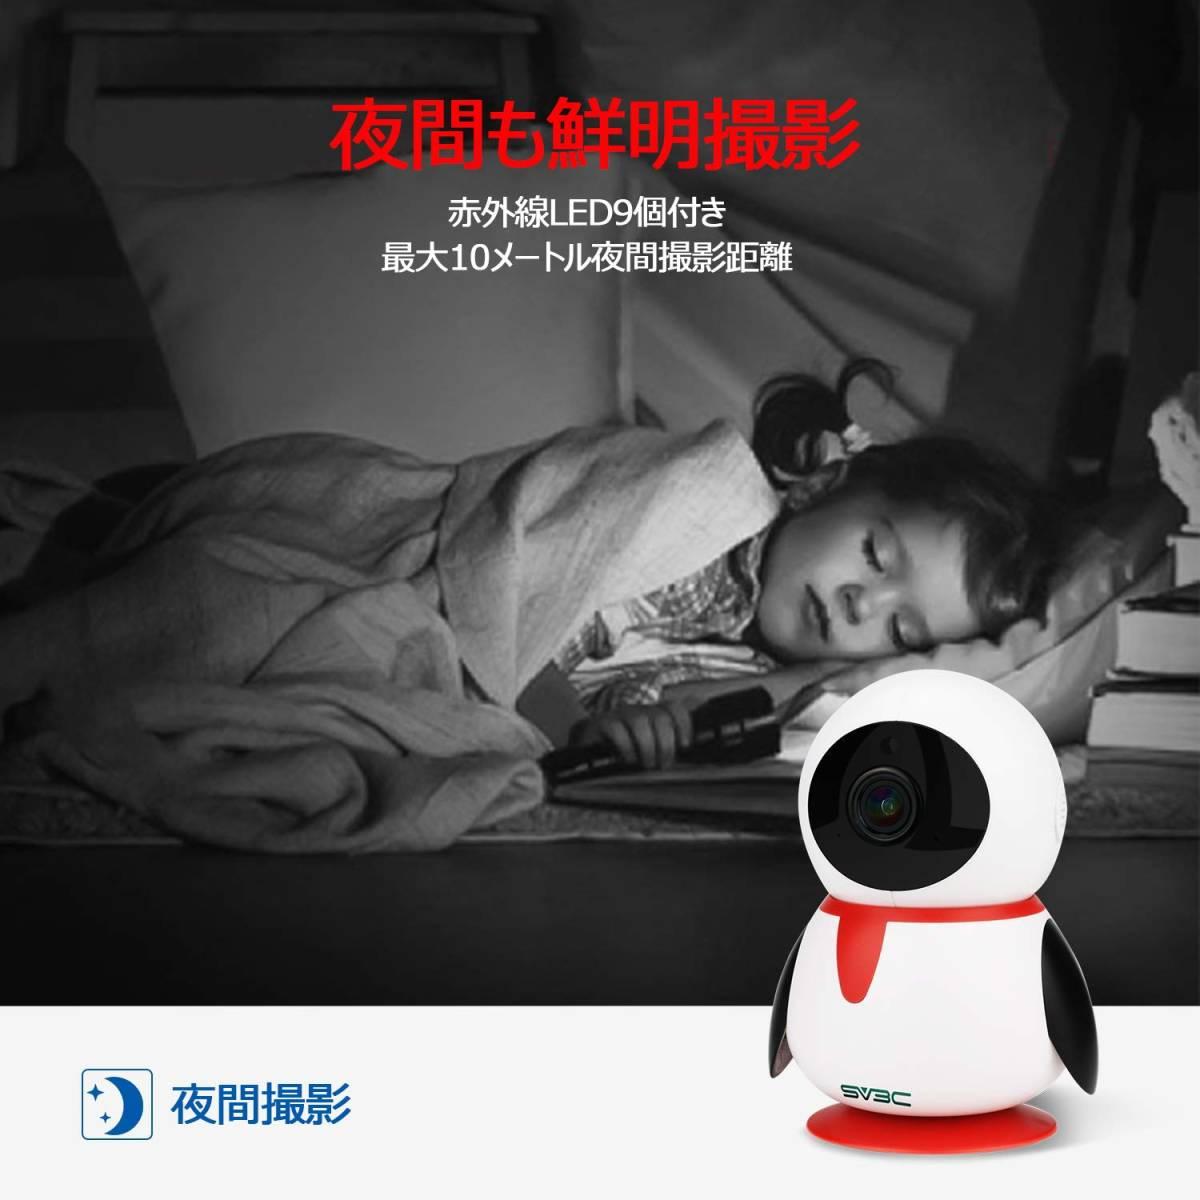 【新品未使用】ネットワークカメラ WiFi 1080P 200万画素 監視カメラ ipカメラ ベビーモニター 双方向音声 暗視機能 録画可能 技適認証済み_画像6